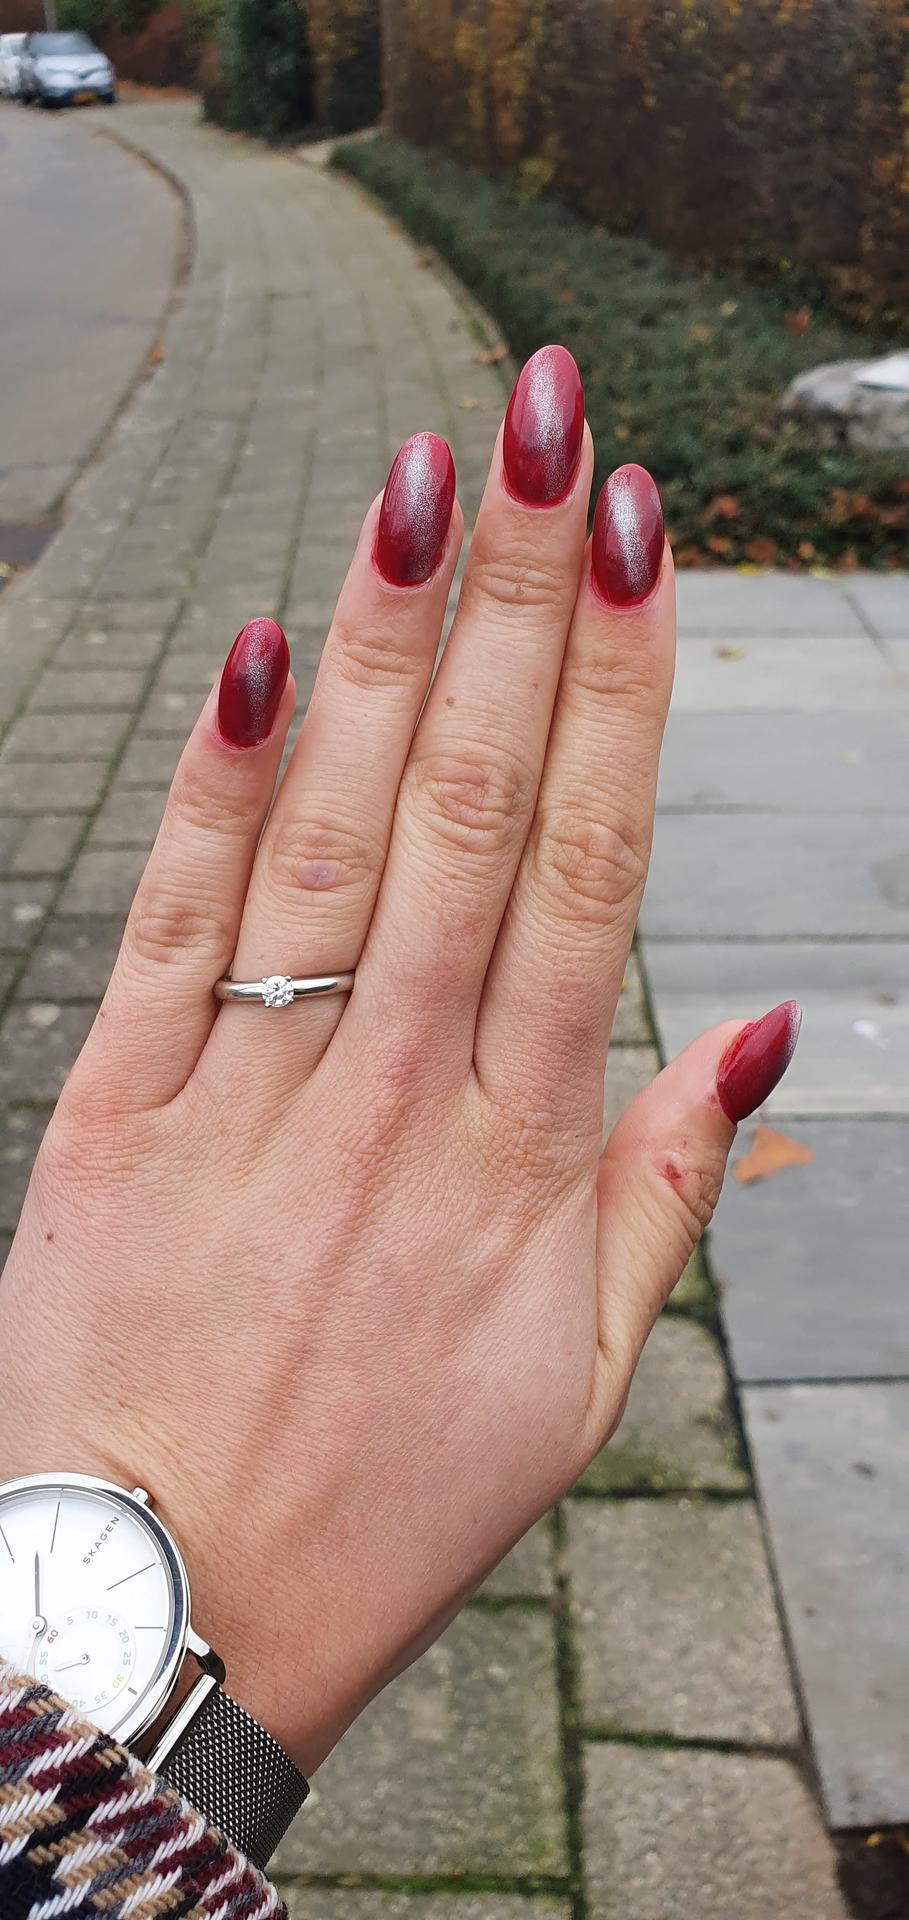 Co už máme nachystáno - Zásnubní prýstýnek 😊💖💍 Bílé zlato a diamant